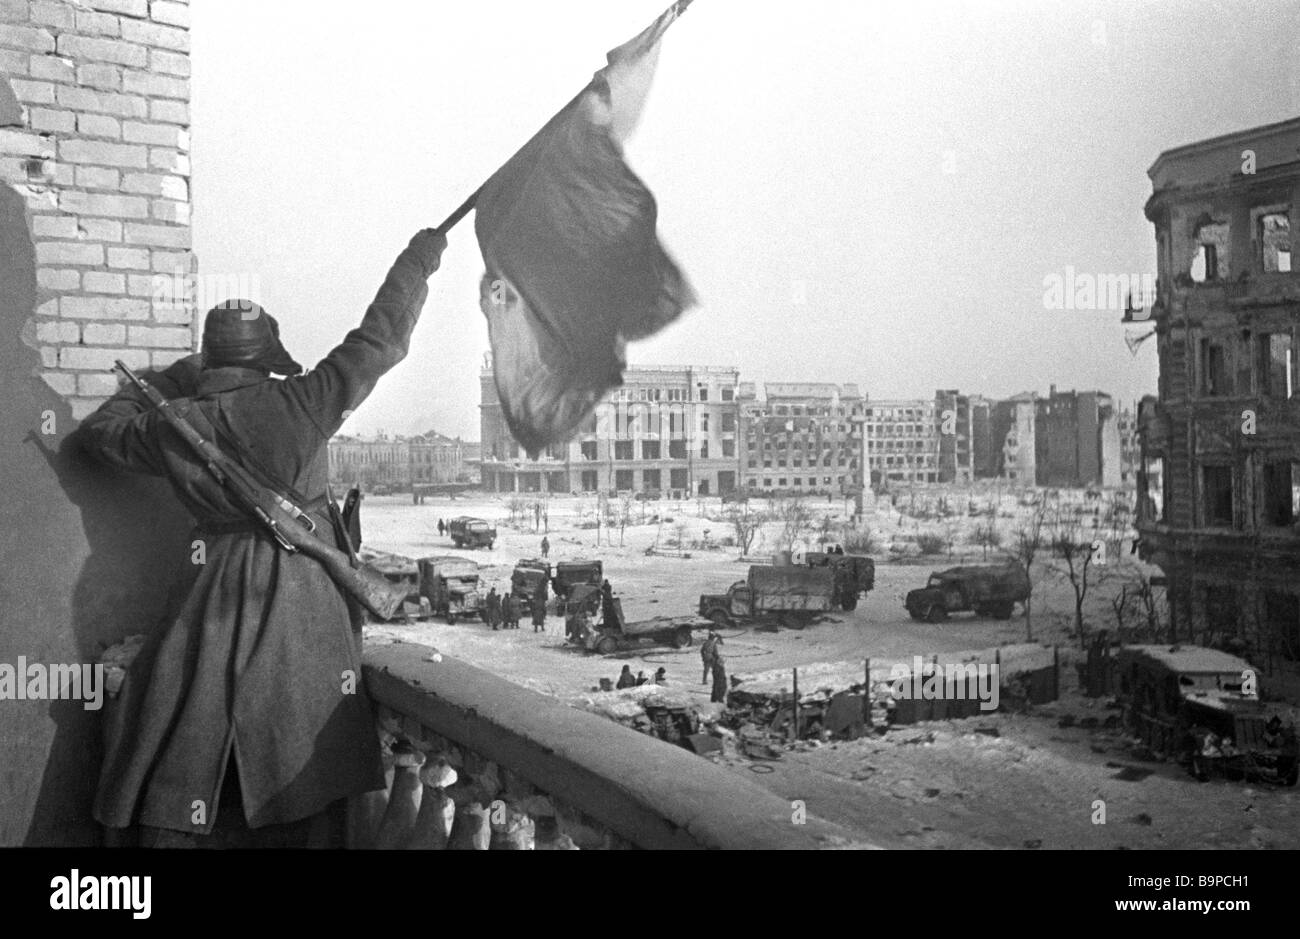 Izar la bandera de la victoria después de la batalla de Stalingrado en la Segunda Guerra Mundial 1943 Foto de stock